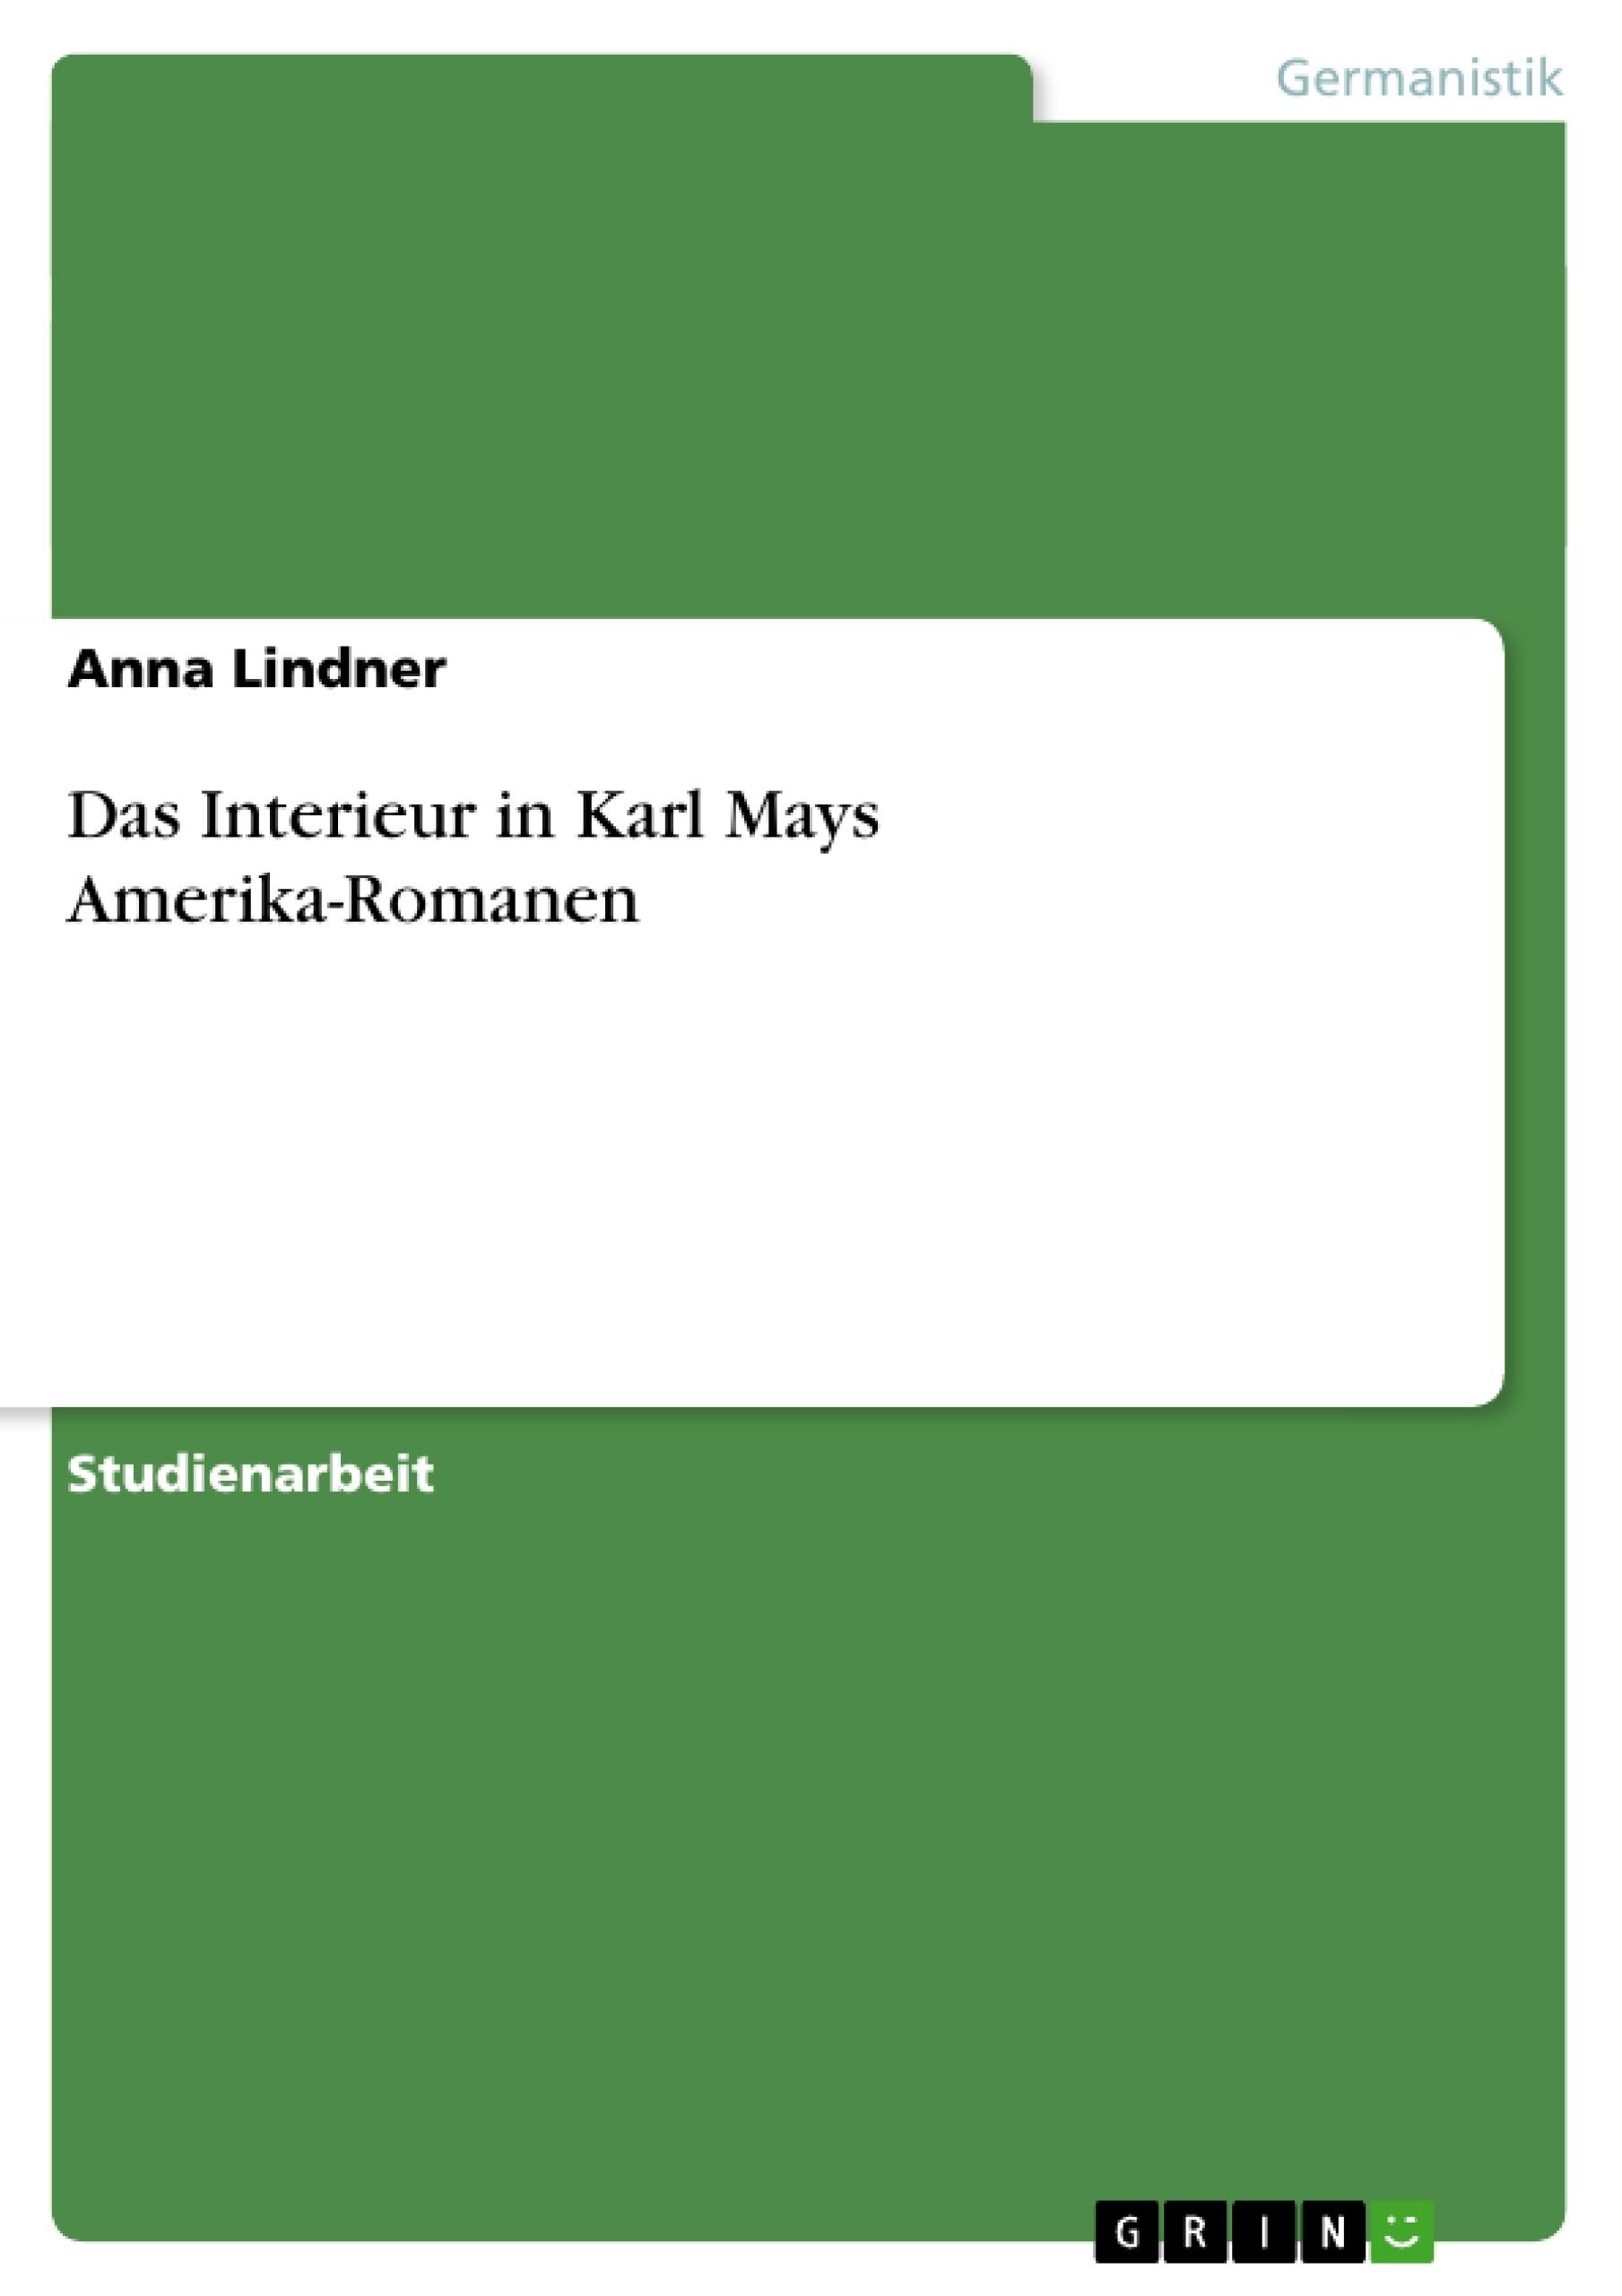 Titel: Das Interieur in Karl Mays Amerika-Romanen